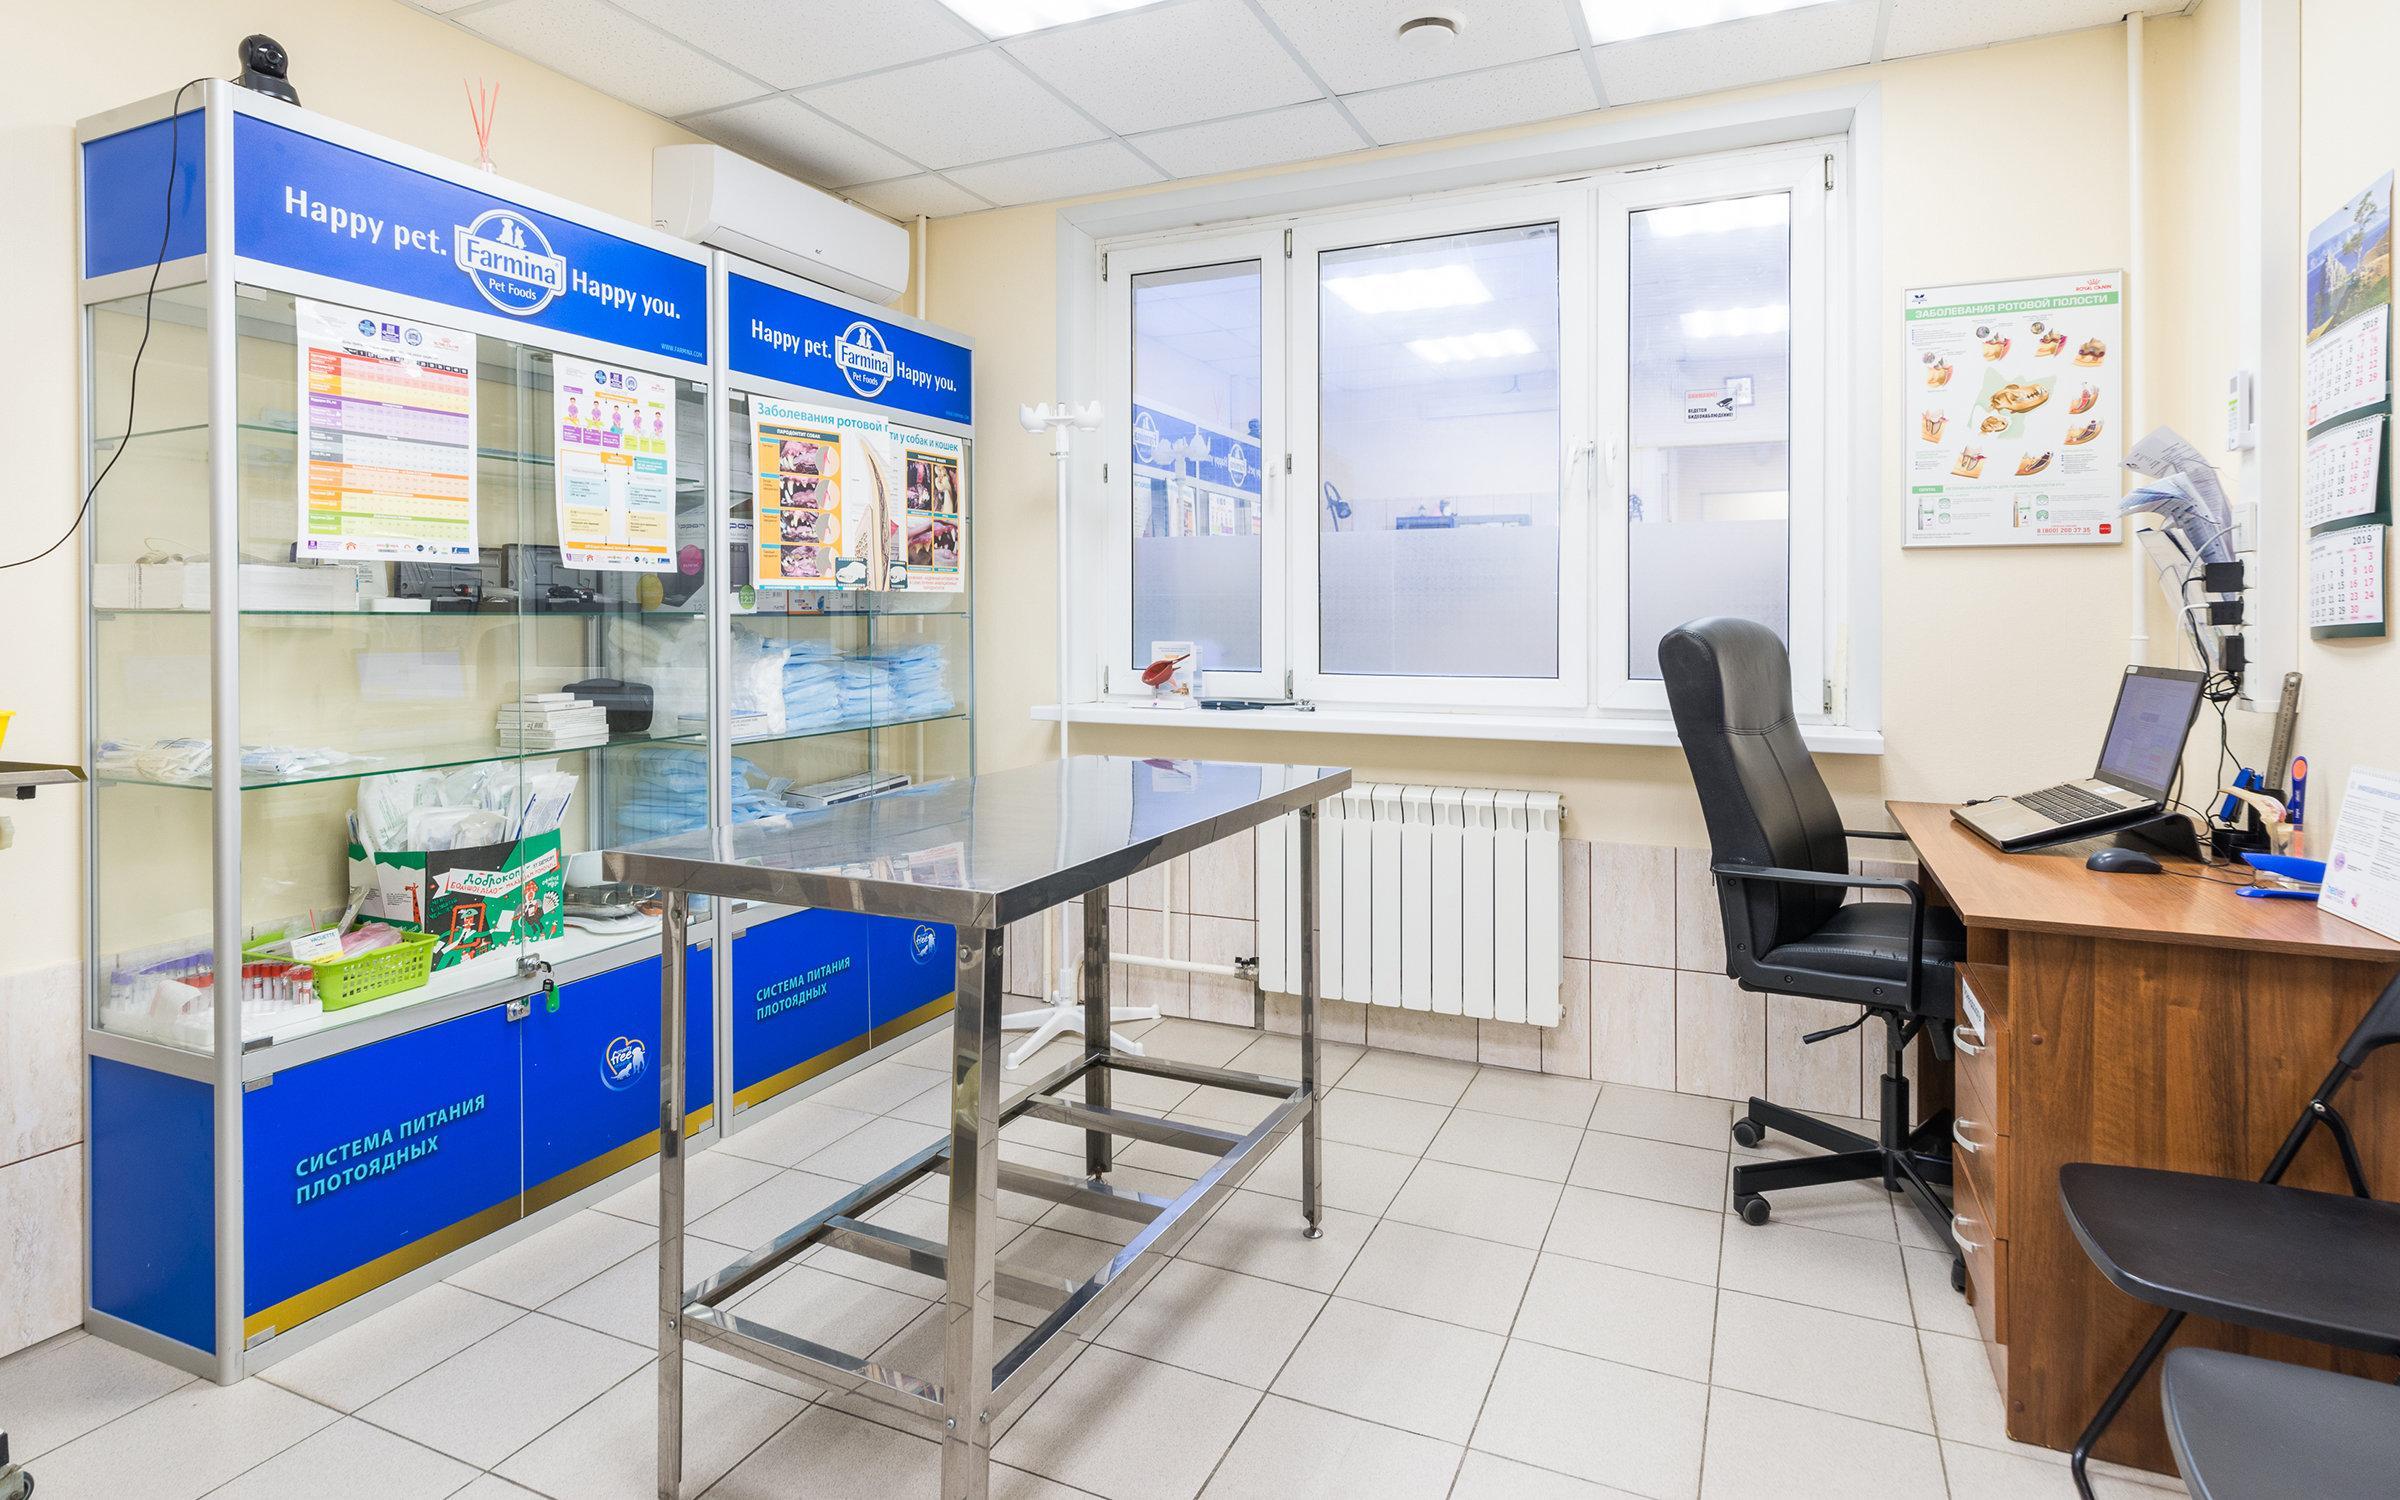 фотография Ветеринарной клиники АВЕРС на проспекте Мельникова в Химках